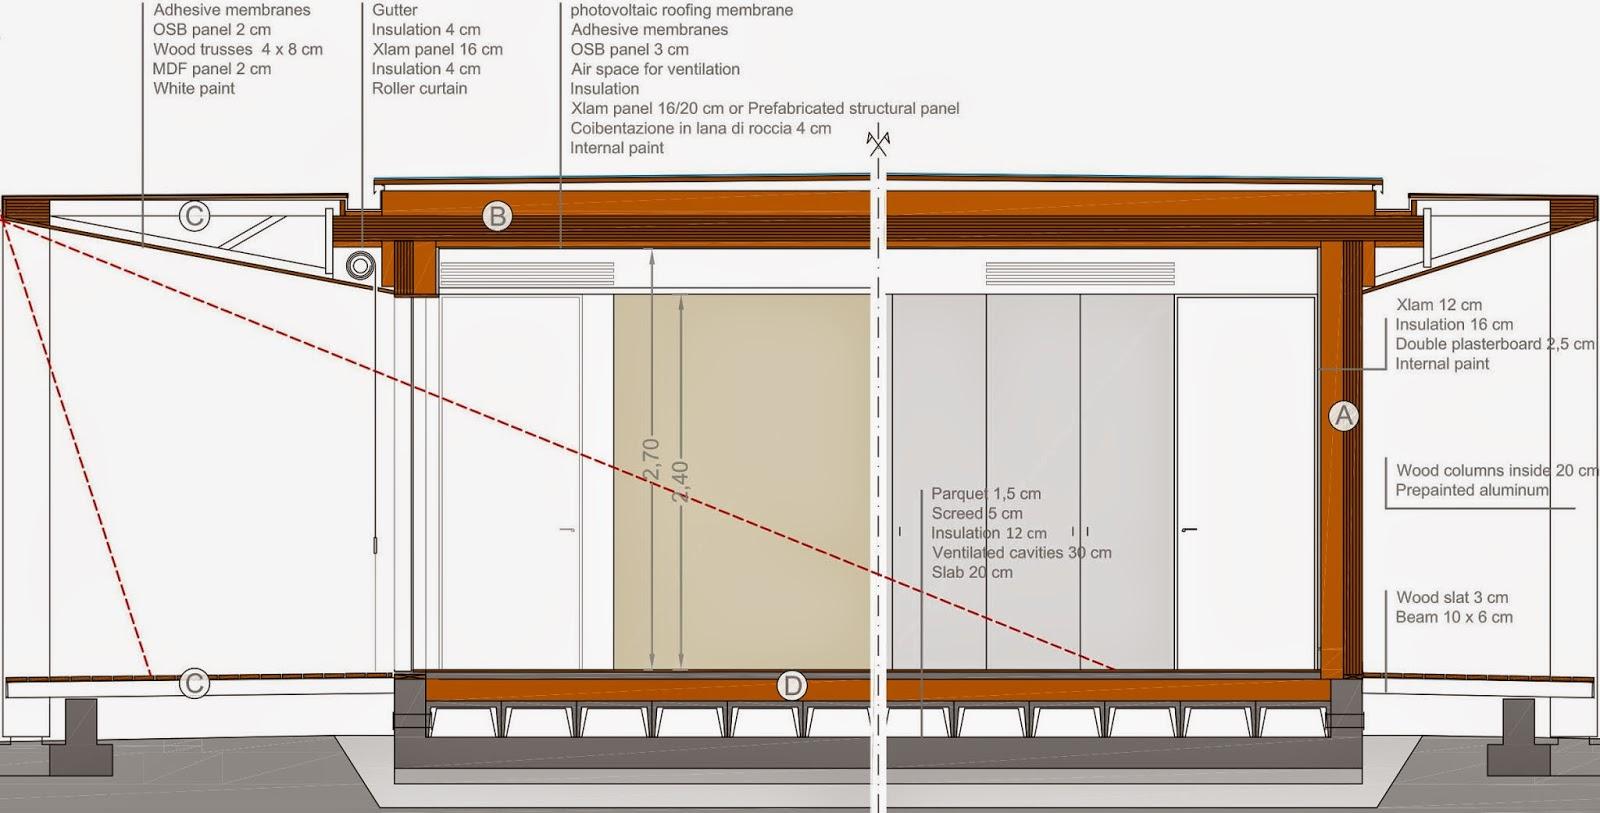 Riccardo bandera architetto hwh case prefabbricate in legno for Fondazioni per case in legno